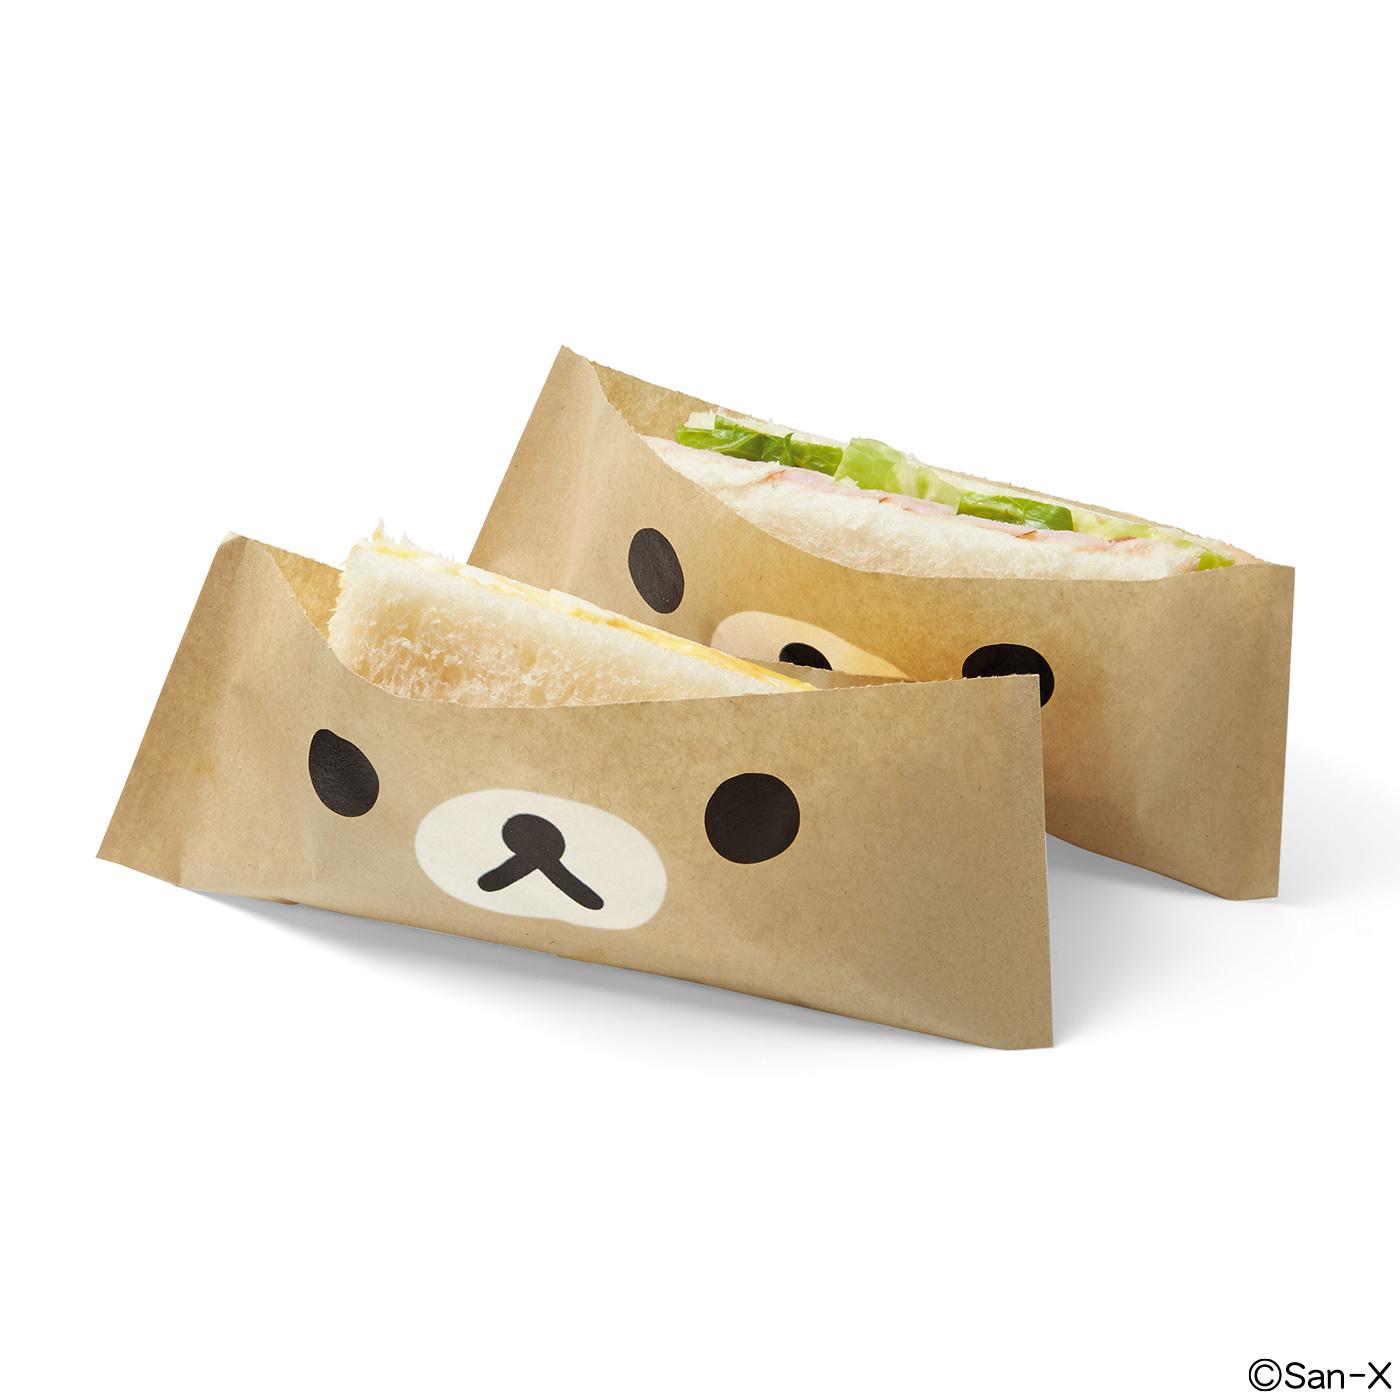 カットしやすいミシン目入り。水分や油分がしみ出しにくい耐油紙だから、サンドイッチにもアレンジOK。